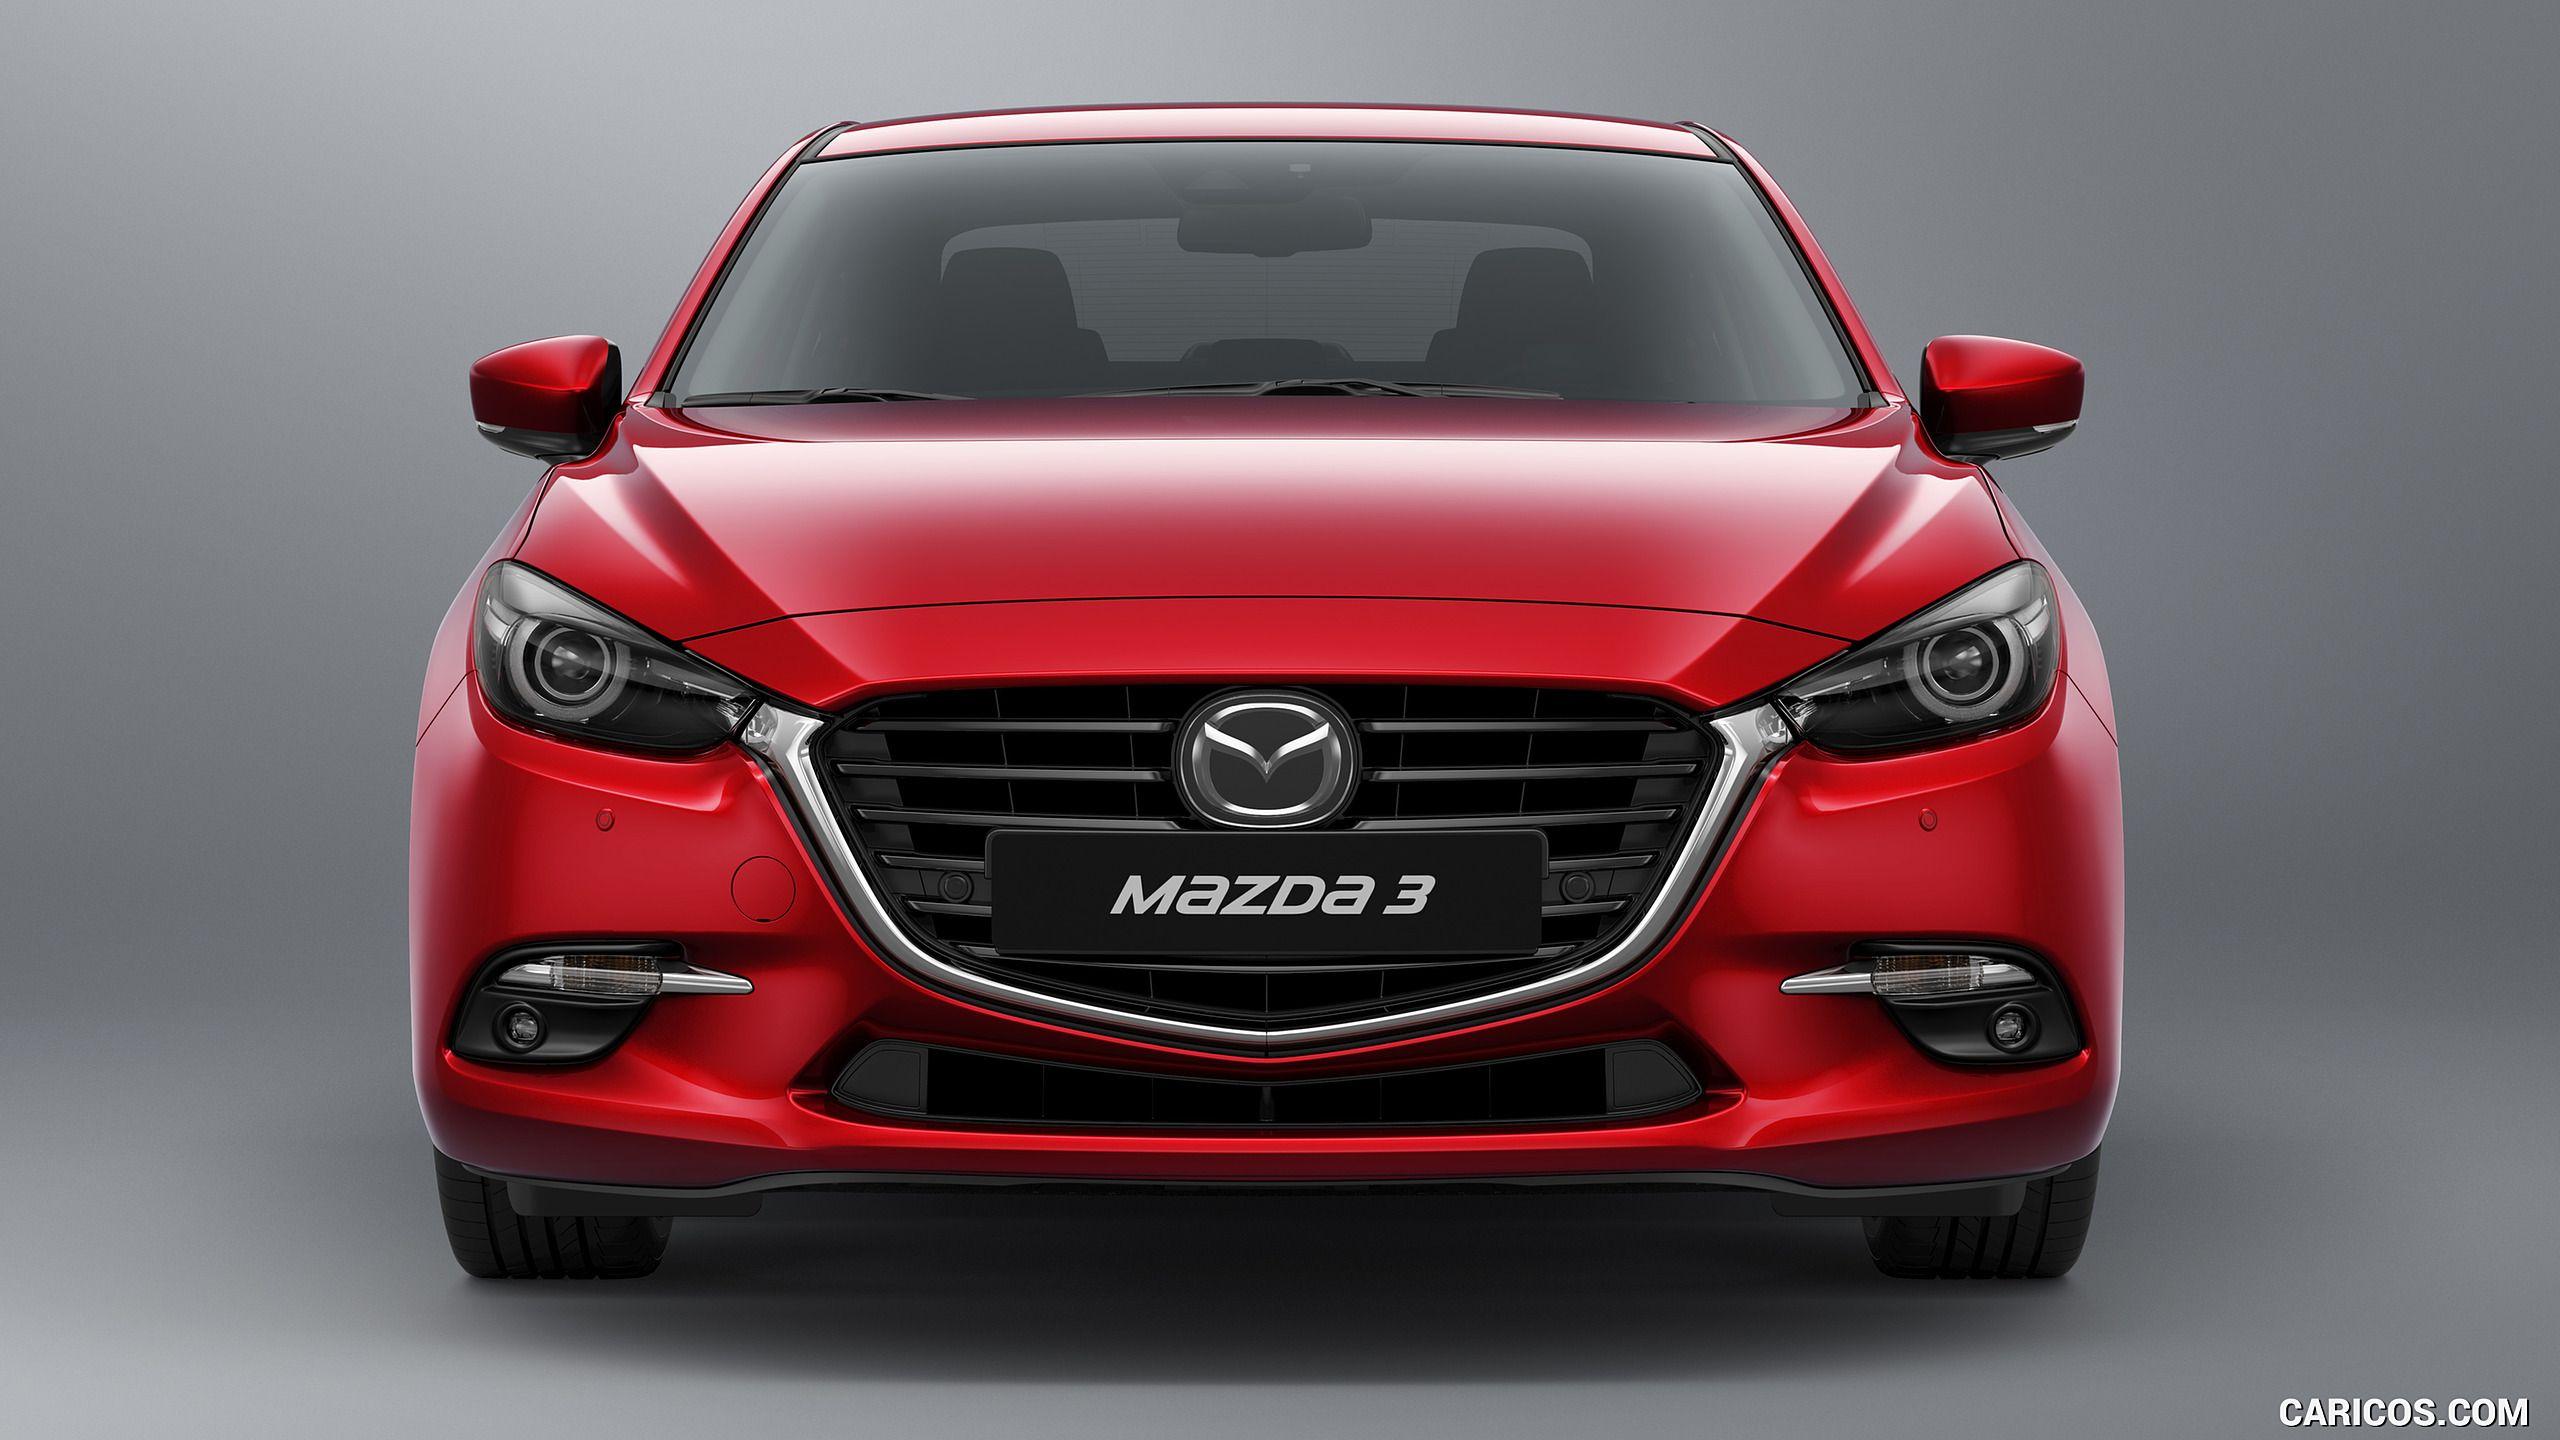 Next stop Pinterest Mazda 3 sedan, Mazda 3, Mazda 3